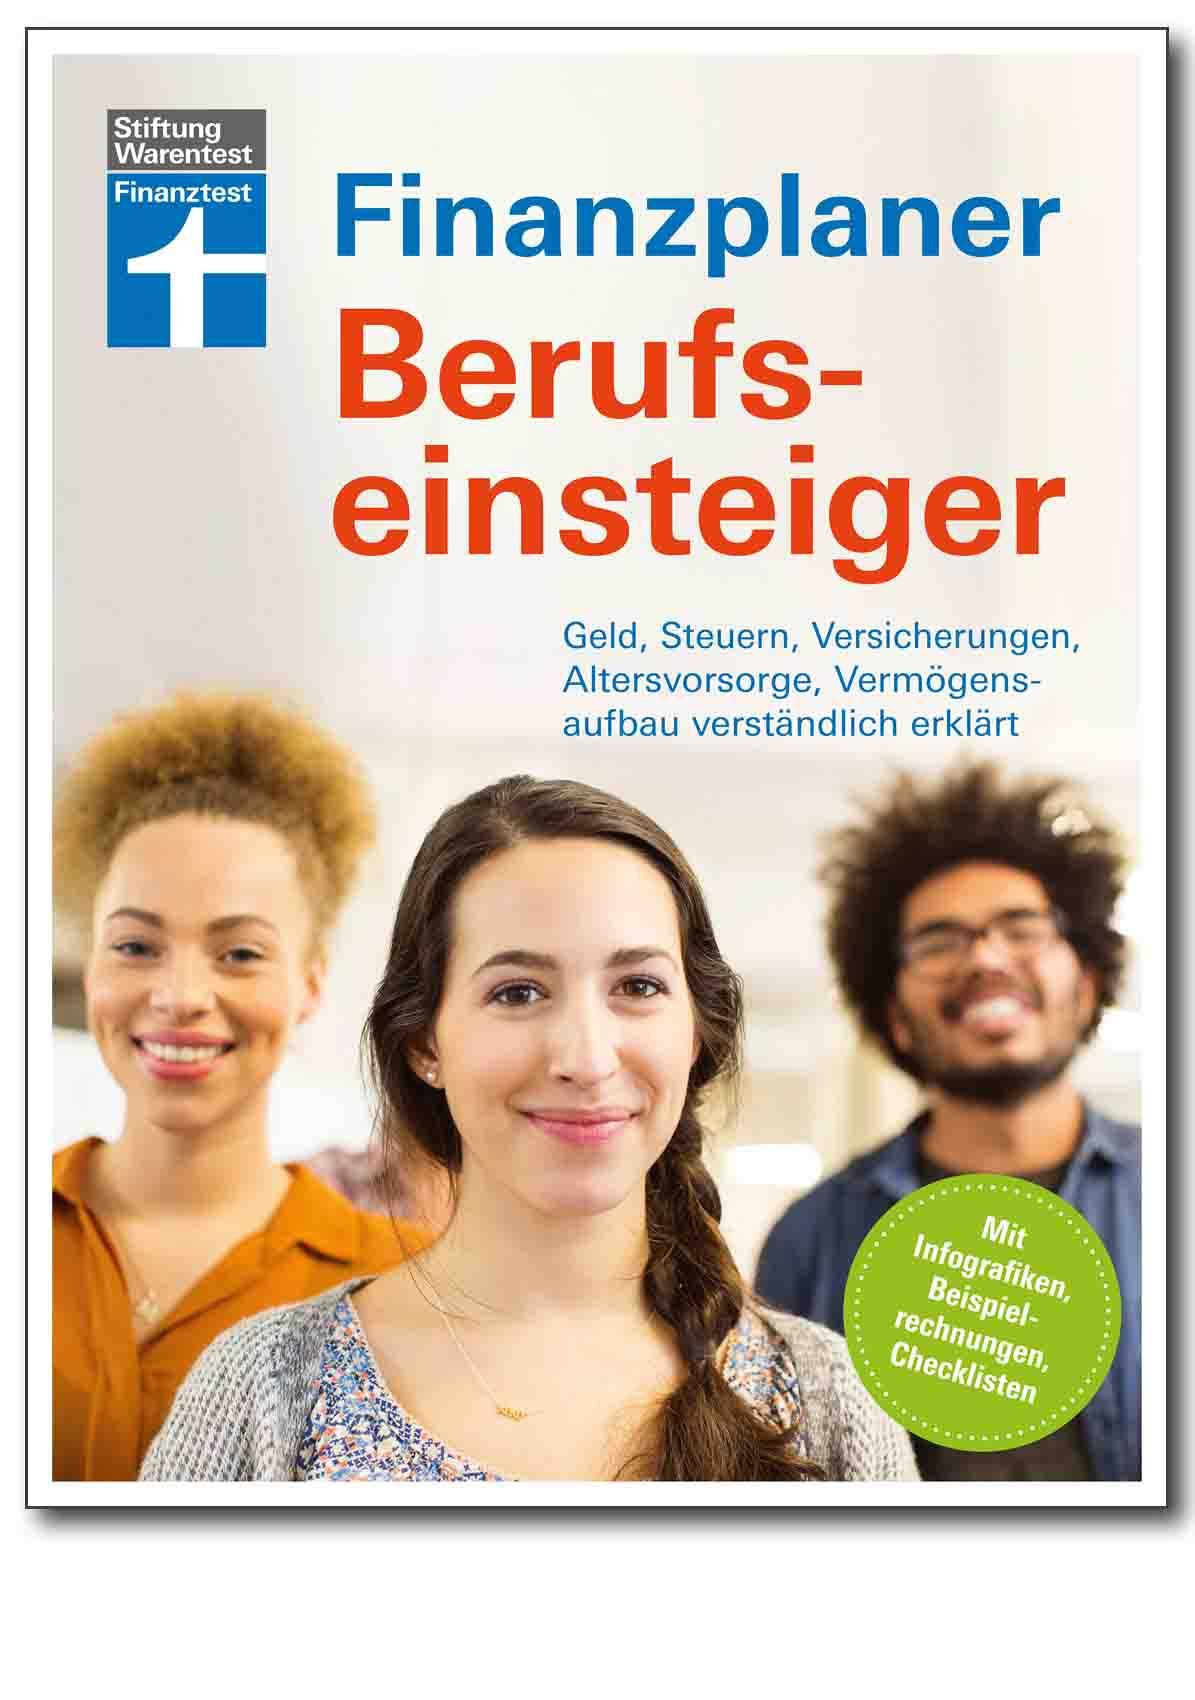 Buch - Finanzplaner Berufseinsteiger - Shop Verbraucherzentrale